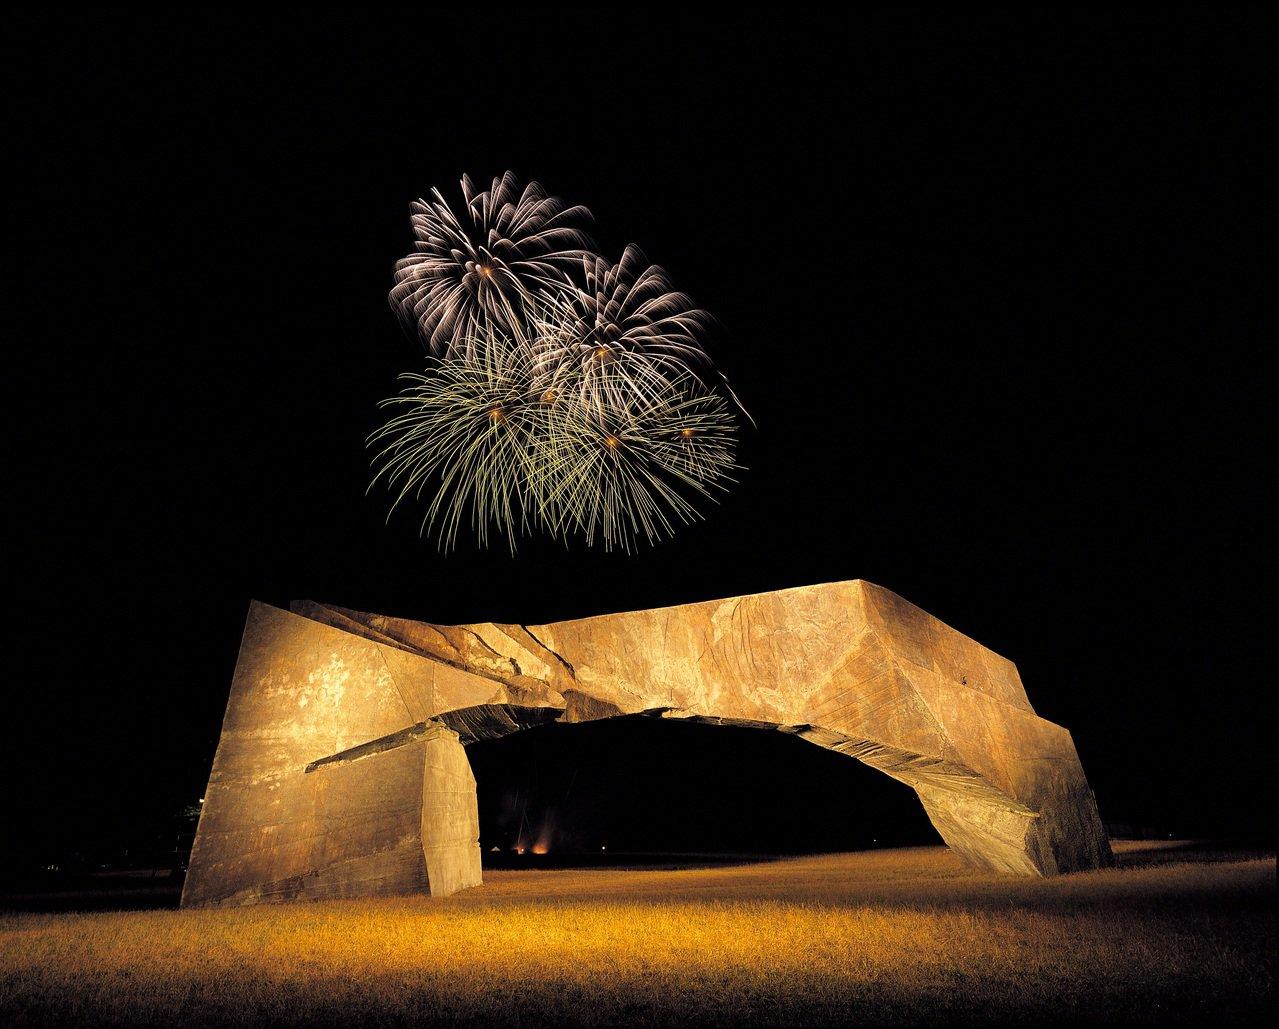 朱銘太極系列新作、雲門舞者周六絕美演出,祝賀美術館20歲生日。圖/朱銘美術館提供